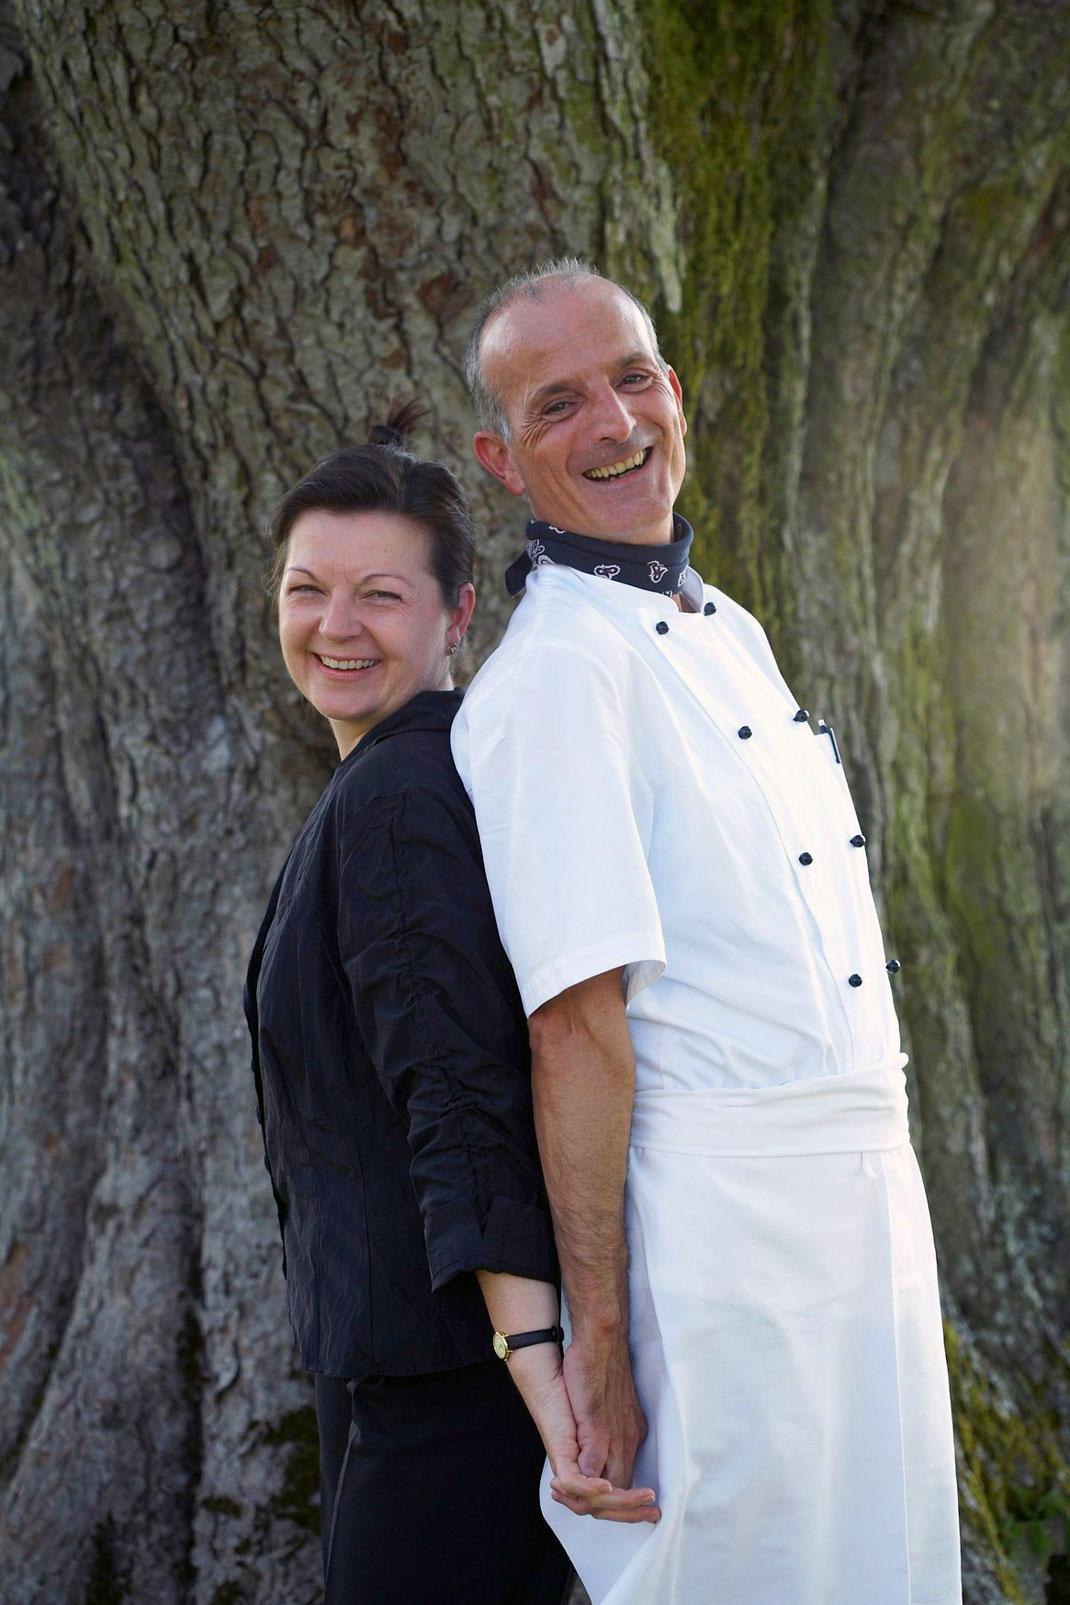 Gastgeber Brigitte und Giuseppe Albertella Ristorante Pasteria Röthelberg Zug